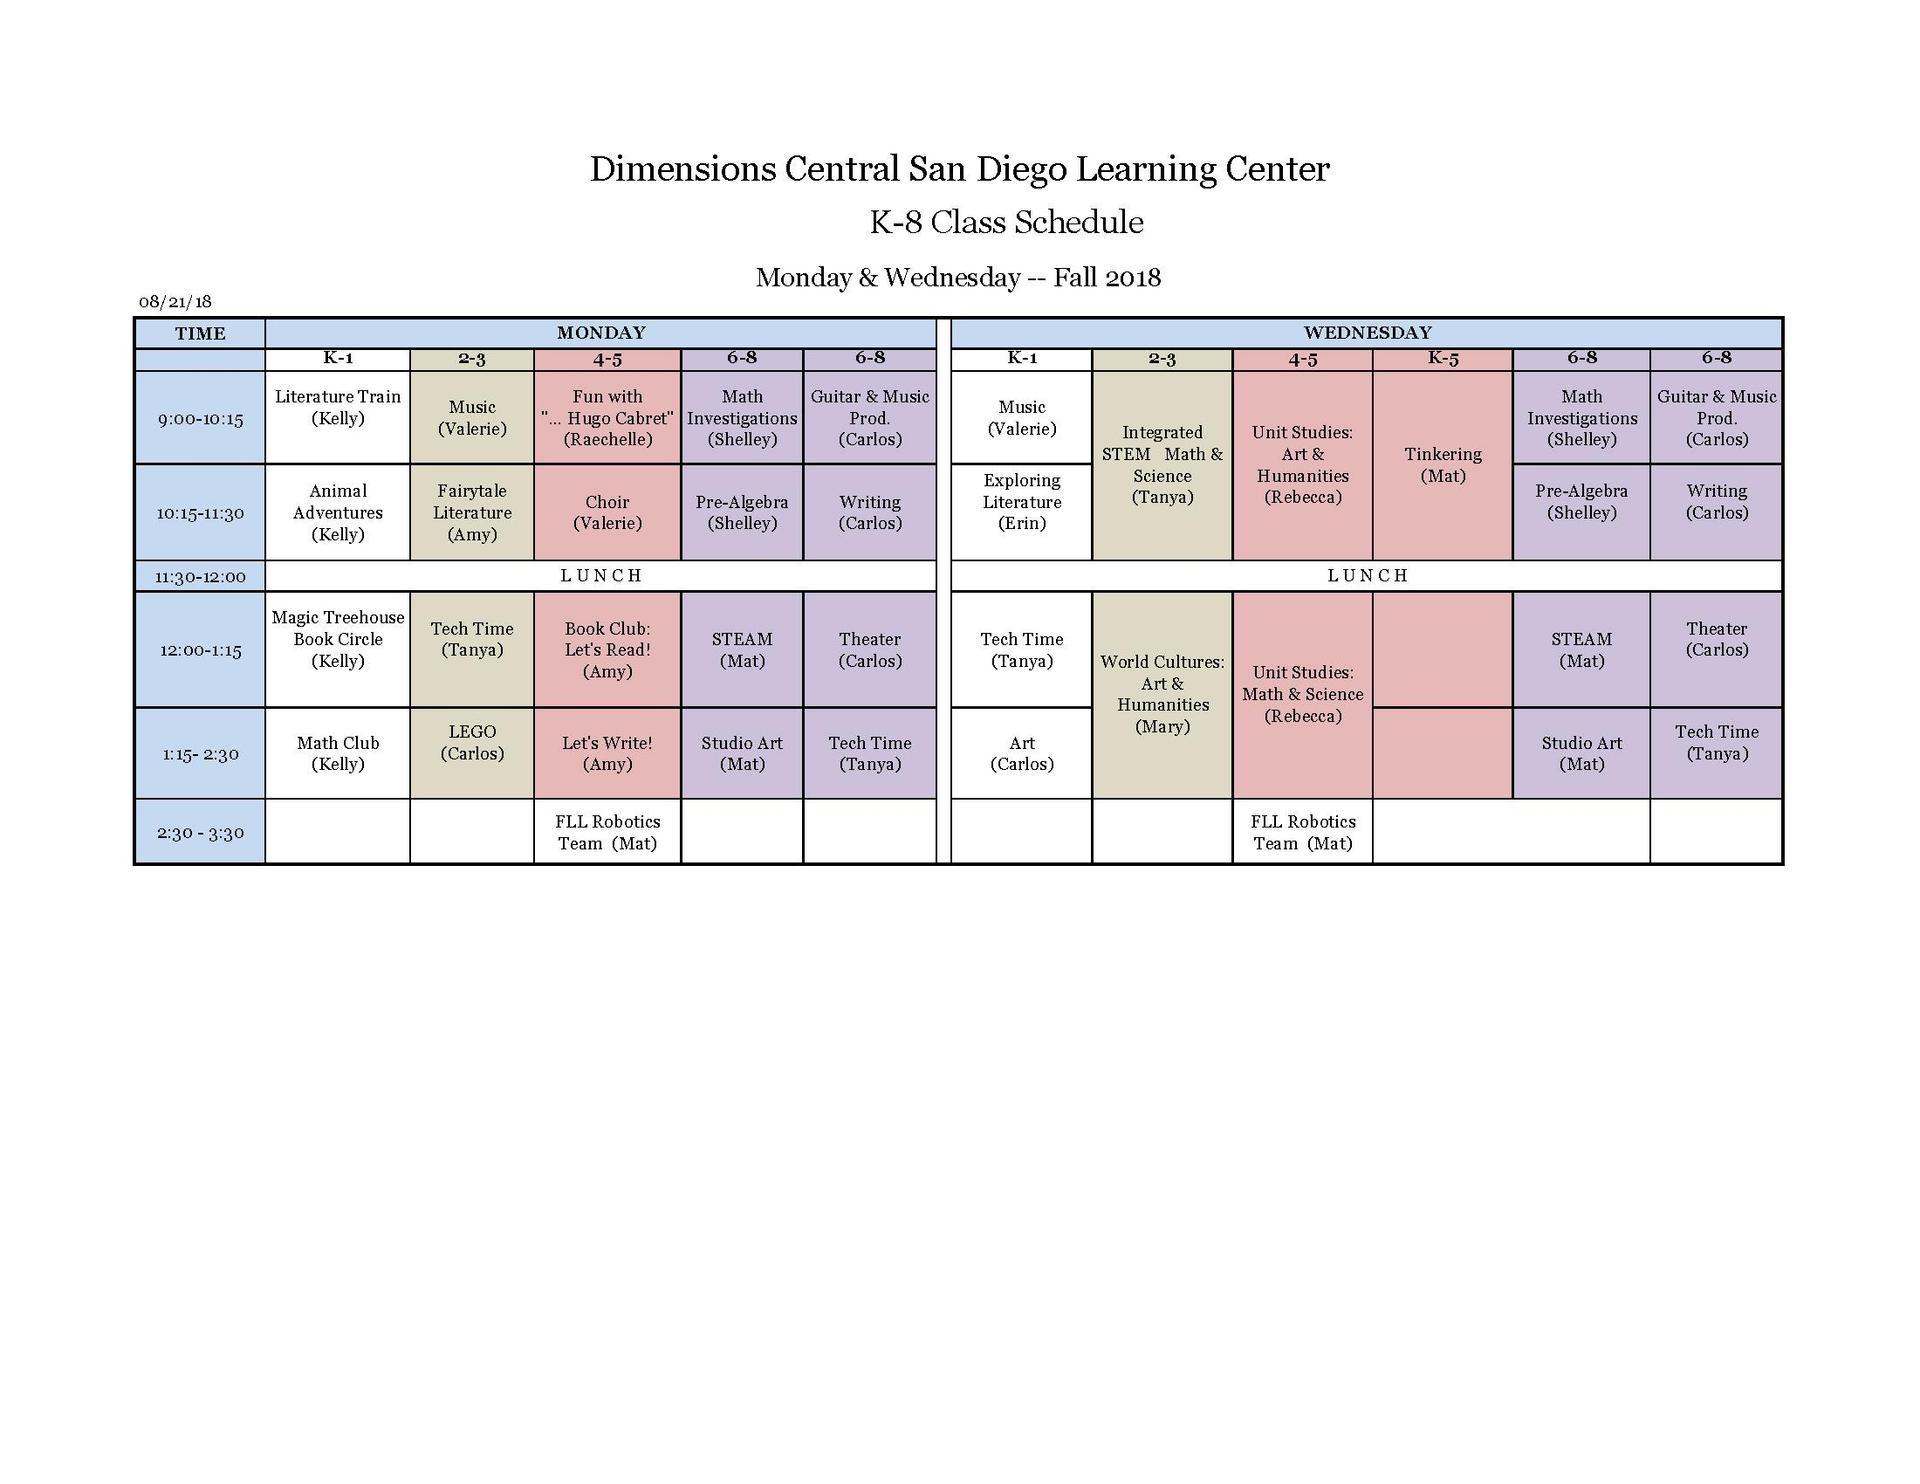 K-8 Schedule